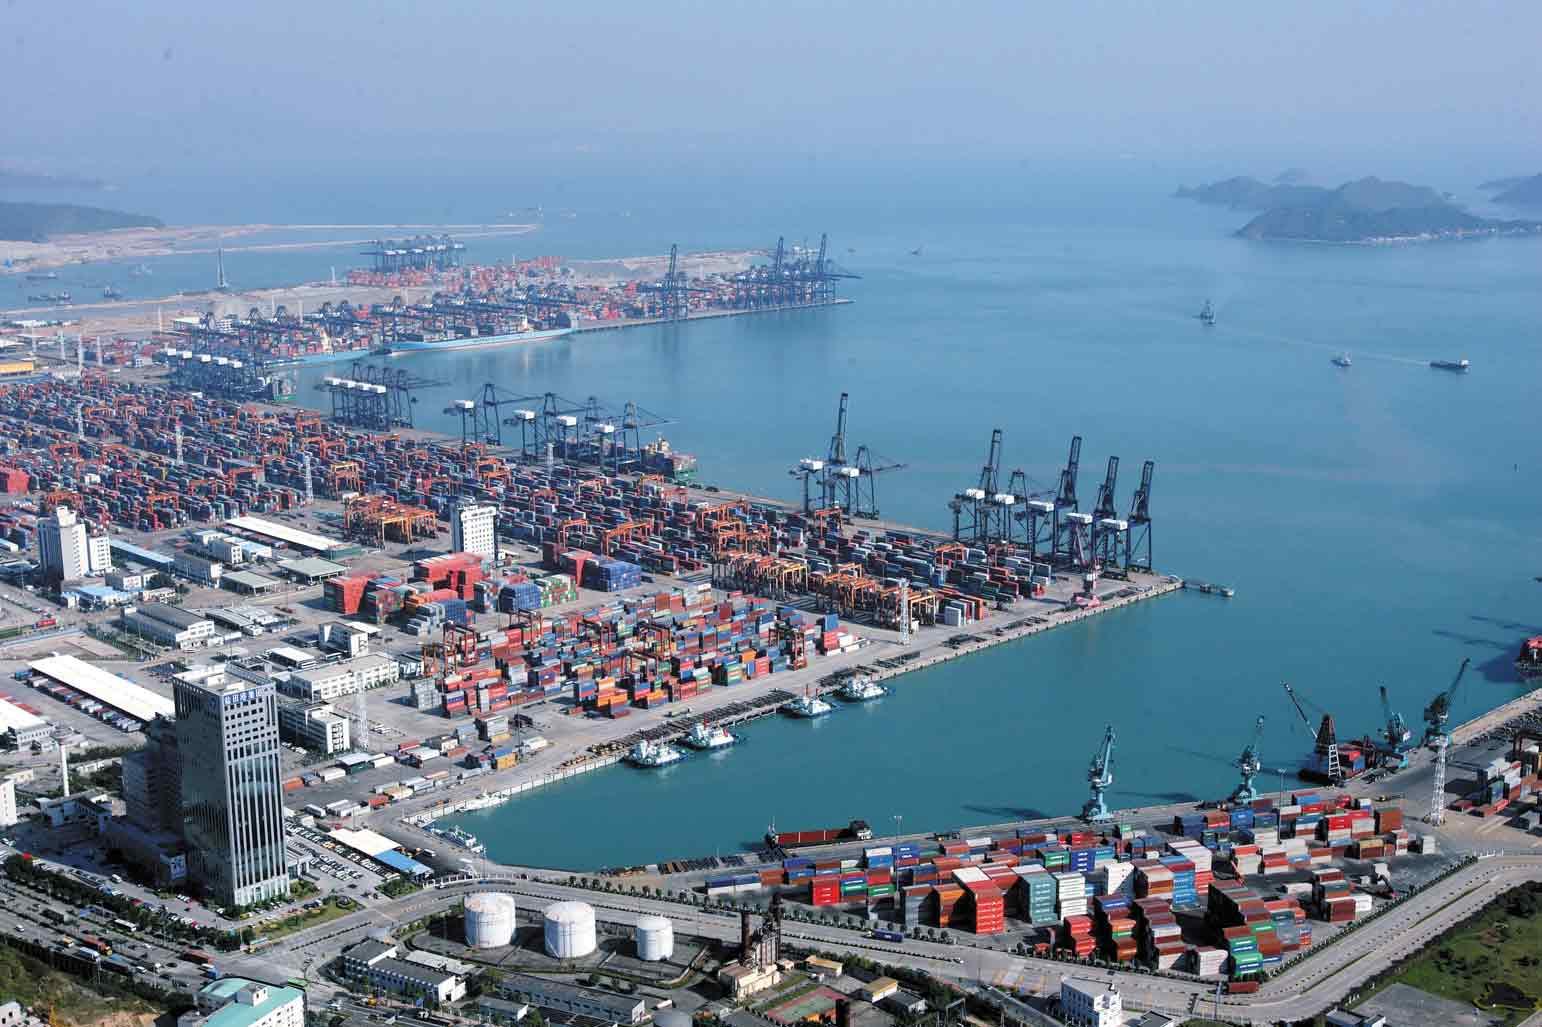 深圳盐田港物流堵塞,重创全球供应链(上)